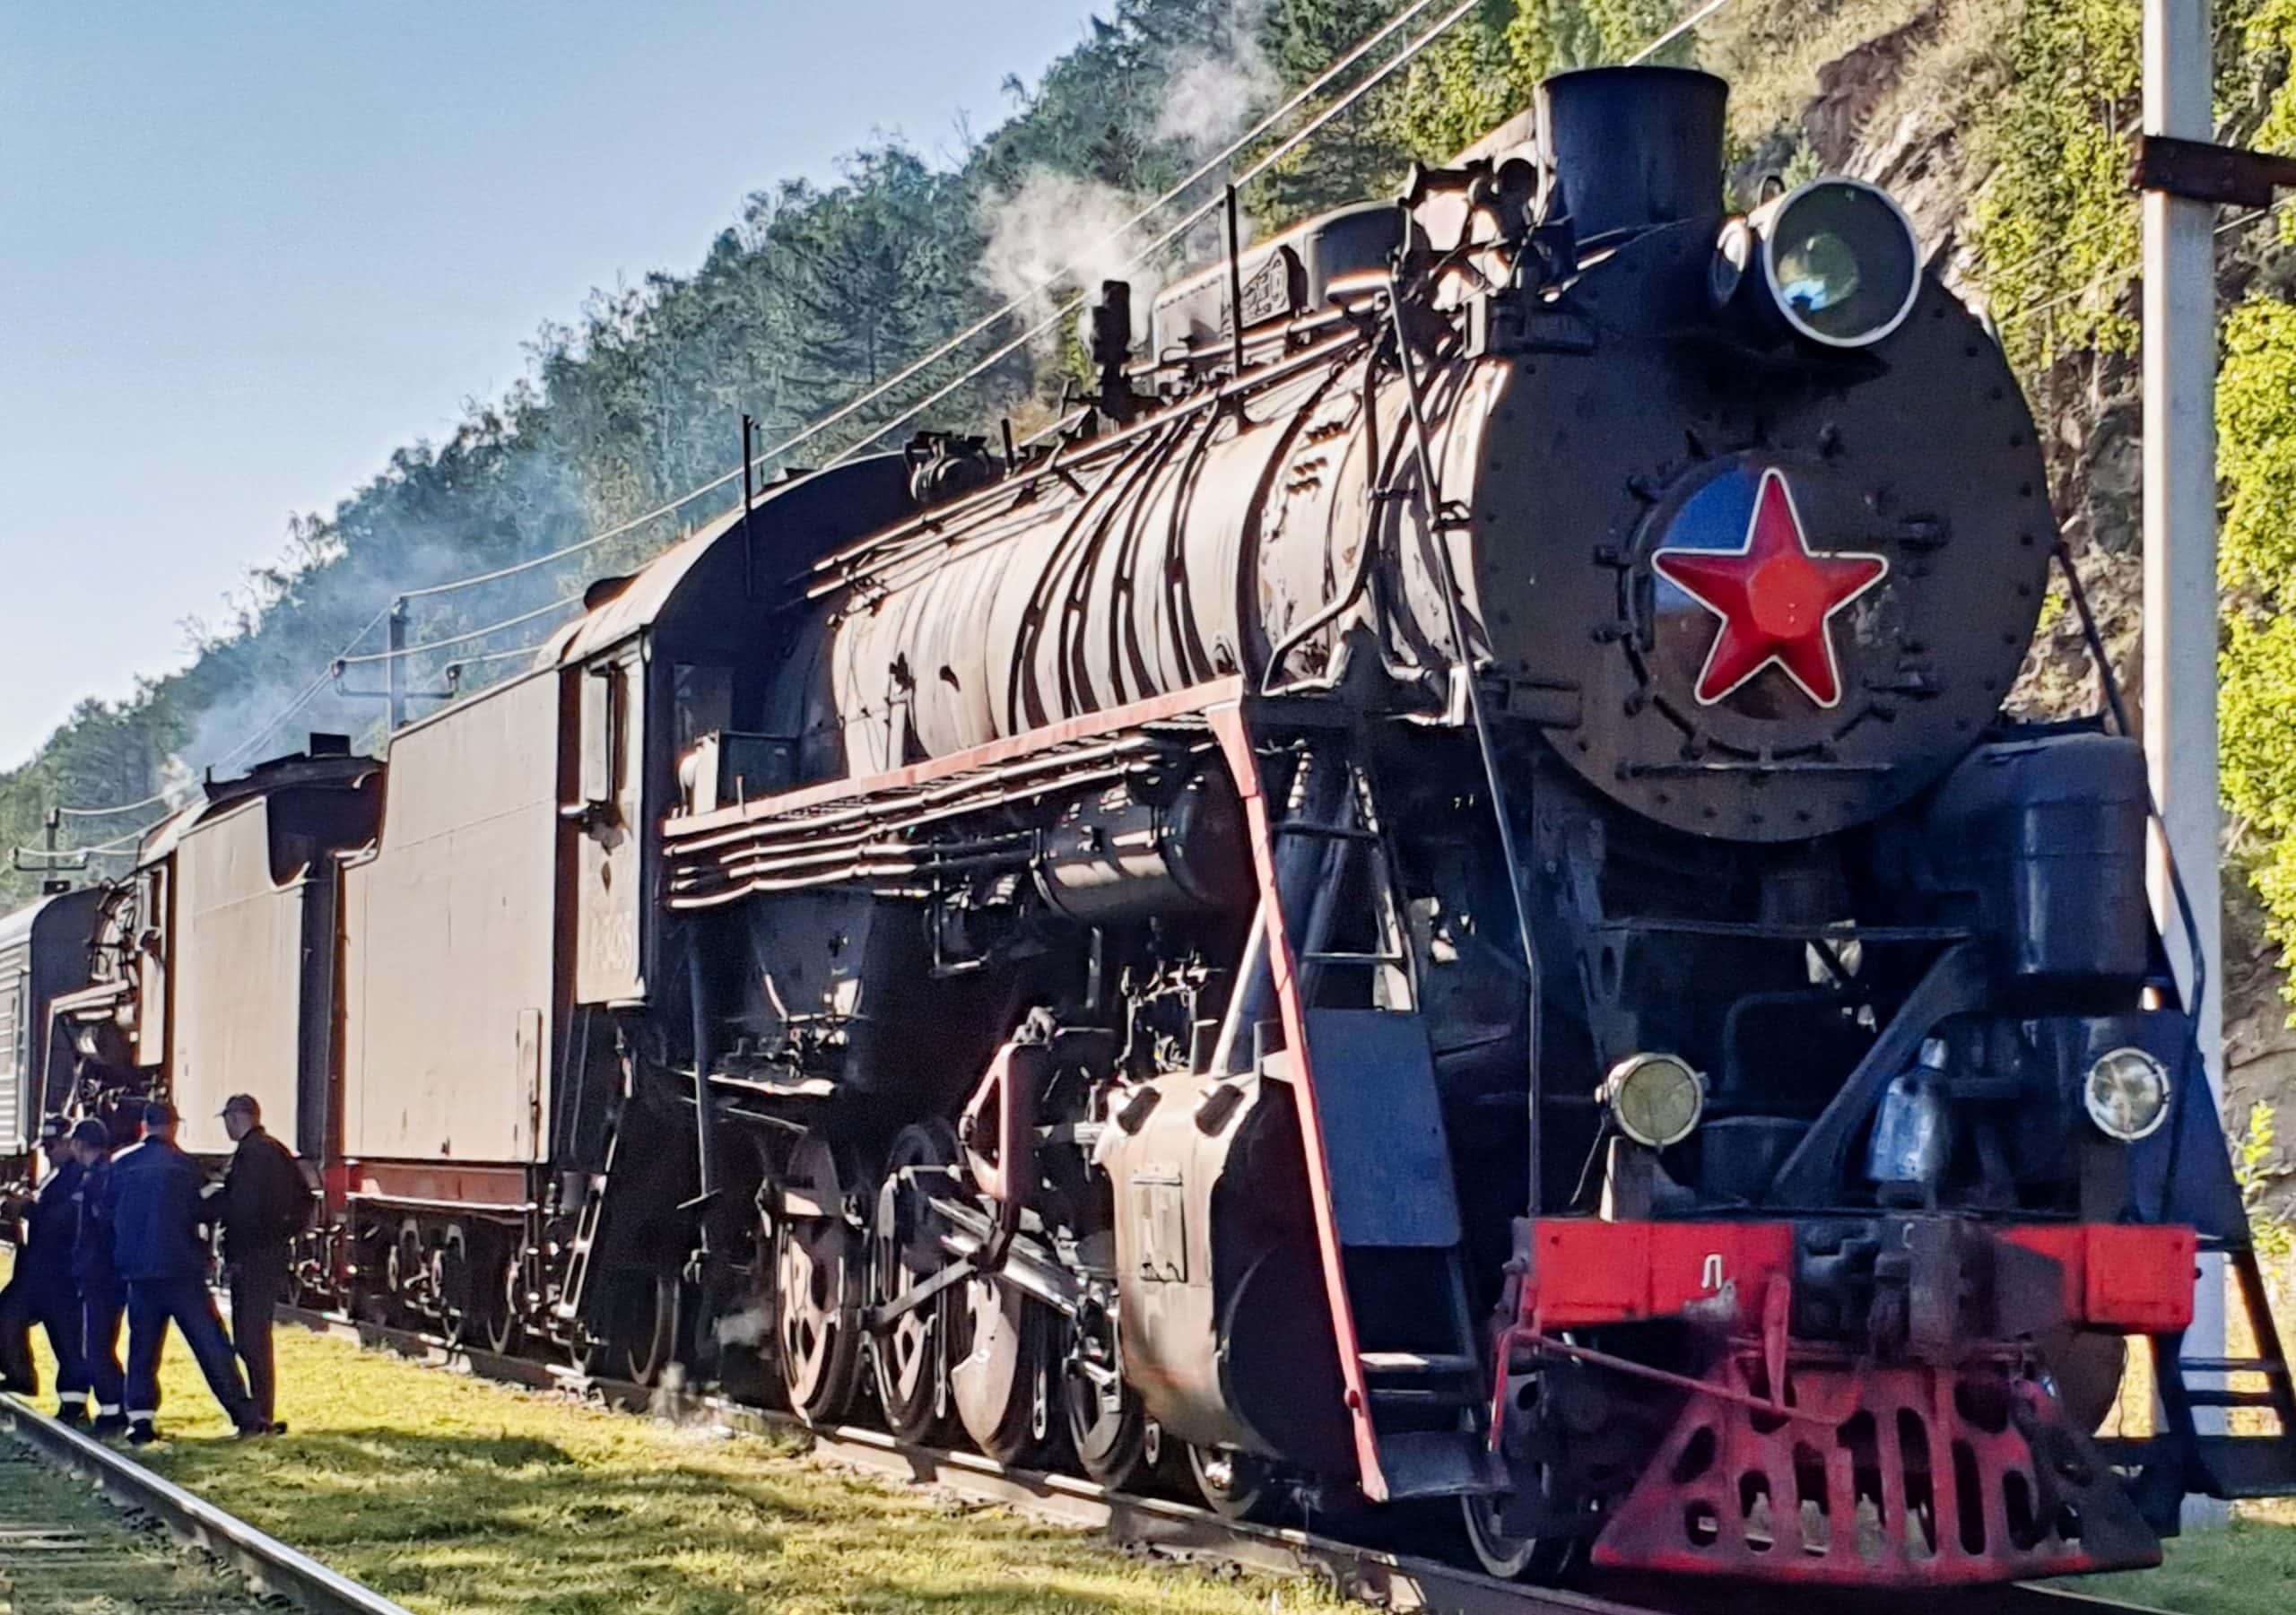 Die historische Baikalbahn, welche früher zur Transsibirischen Eisenbahn gehörte, wird heute nur noch für touristische Zwecke genutzt.